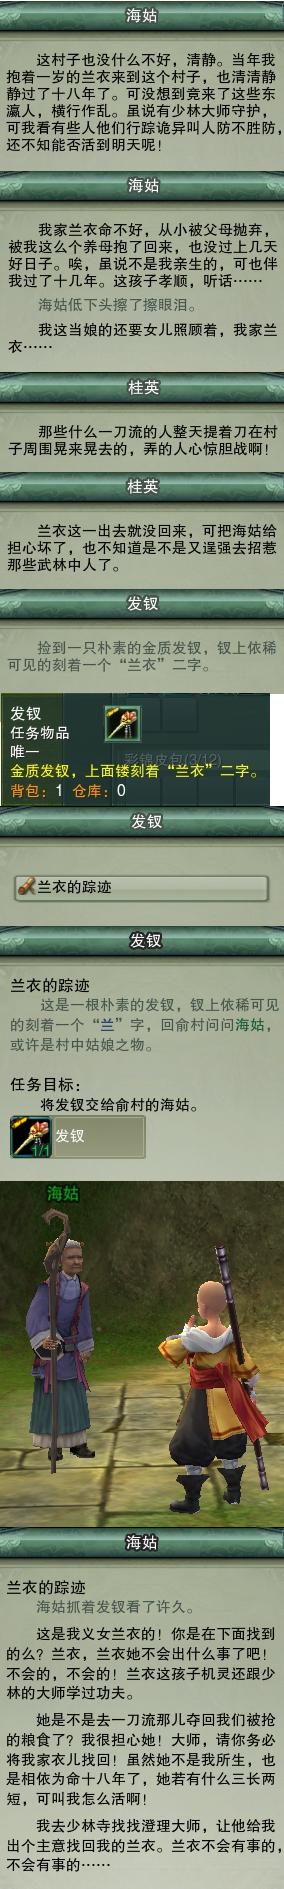 小任务 - 俞村兰衣.jpg